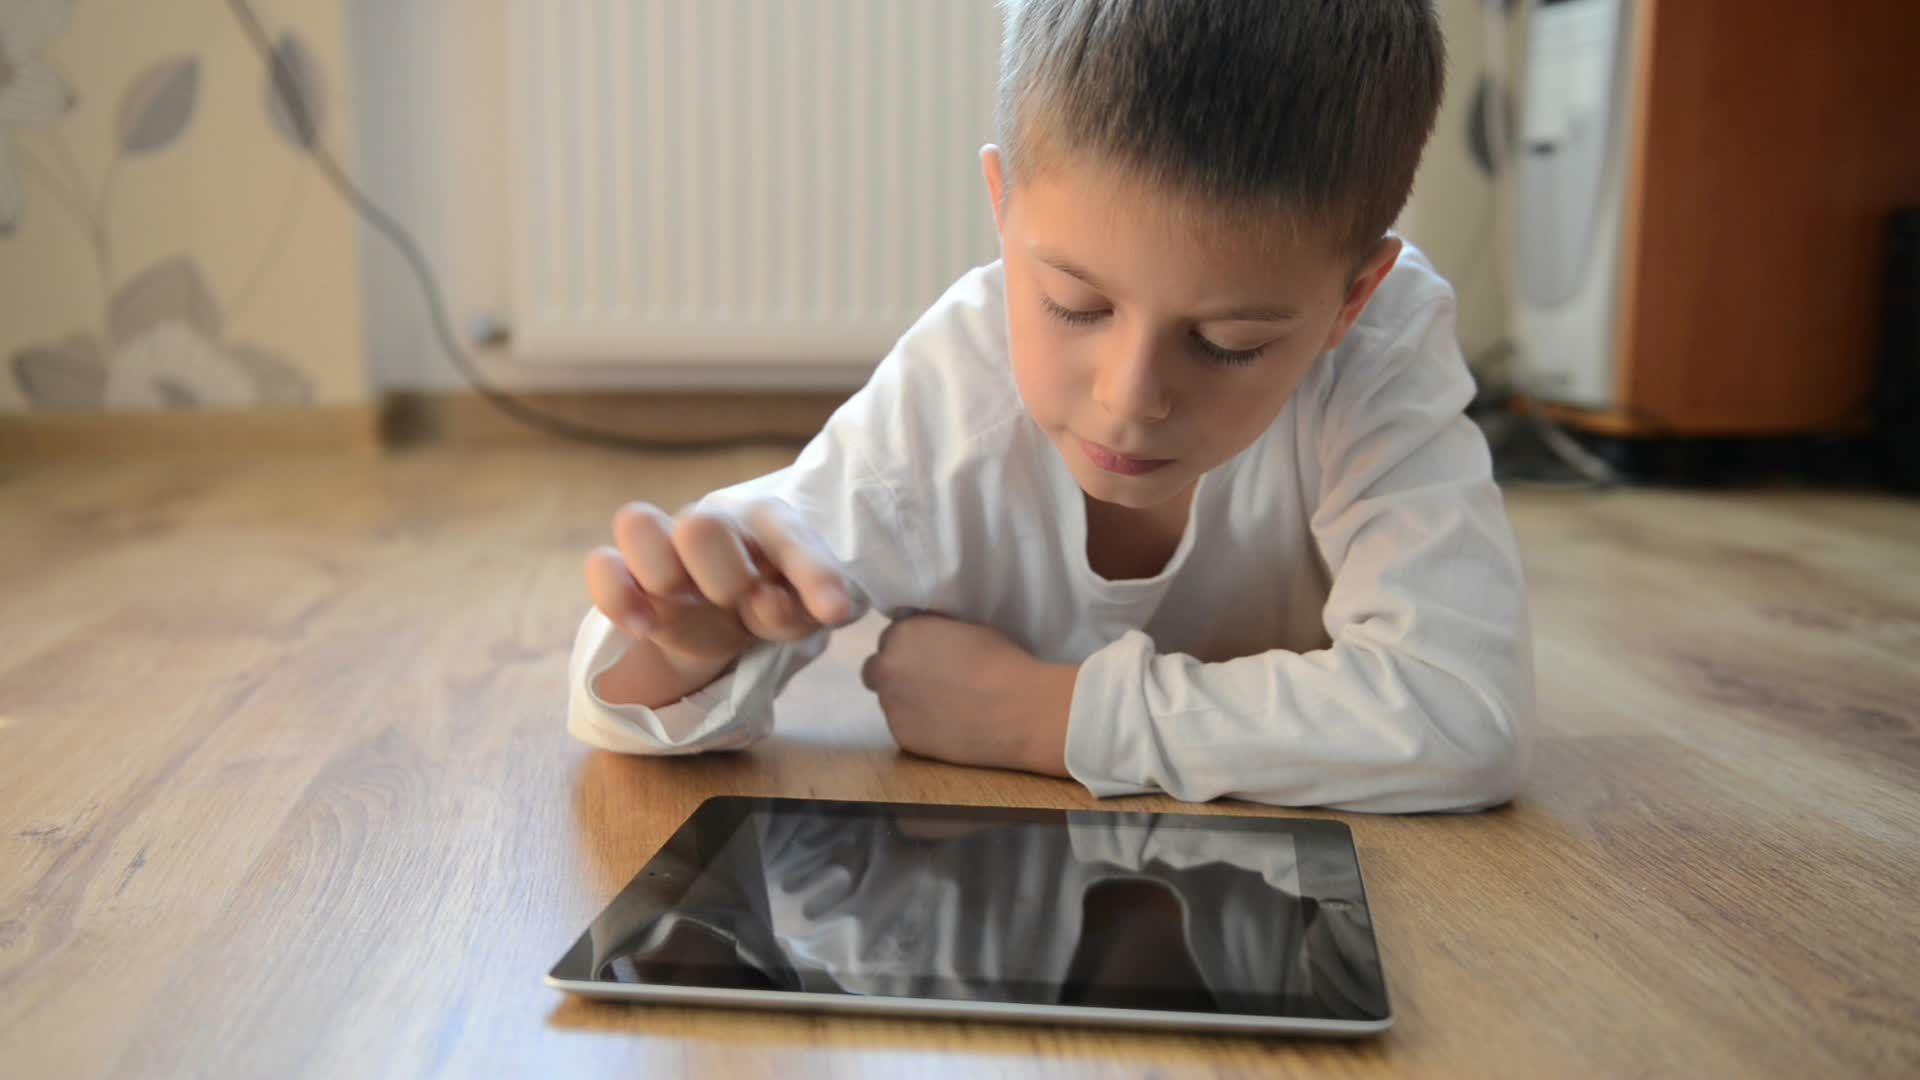 Usar tablet demais pode atrapalhar desenvolvimento de crianças pequenas - http://eleganteonline.com.br/usar-tablet-demais-pode-atrapalhar-desenvolvimento-de-criancas-pequenas/